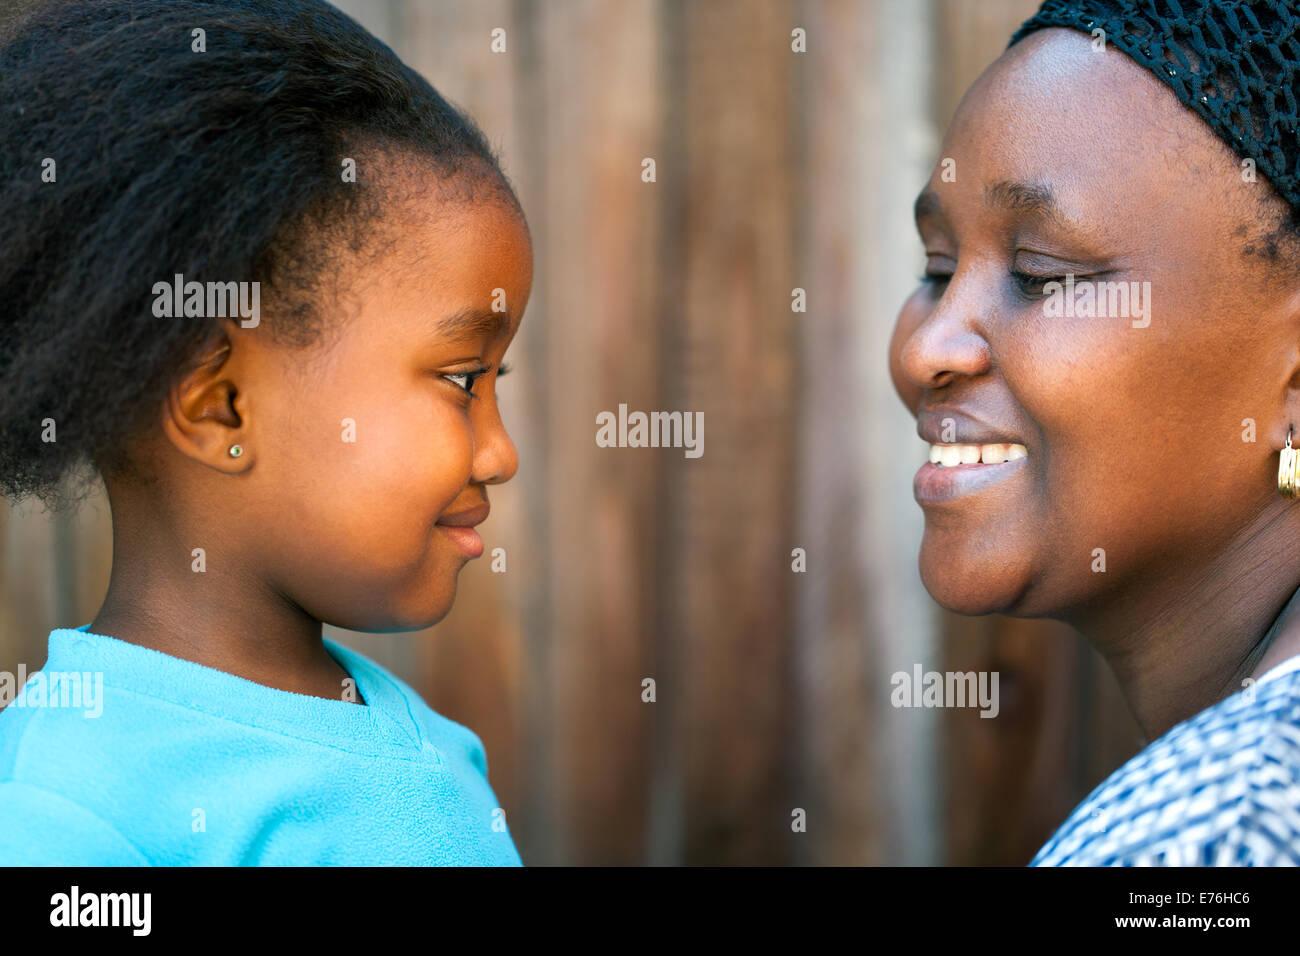 Close up portrait of African mère et fille à l'un l'autre. Photo Stock